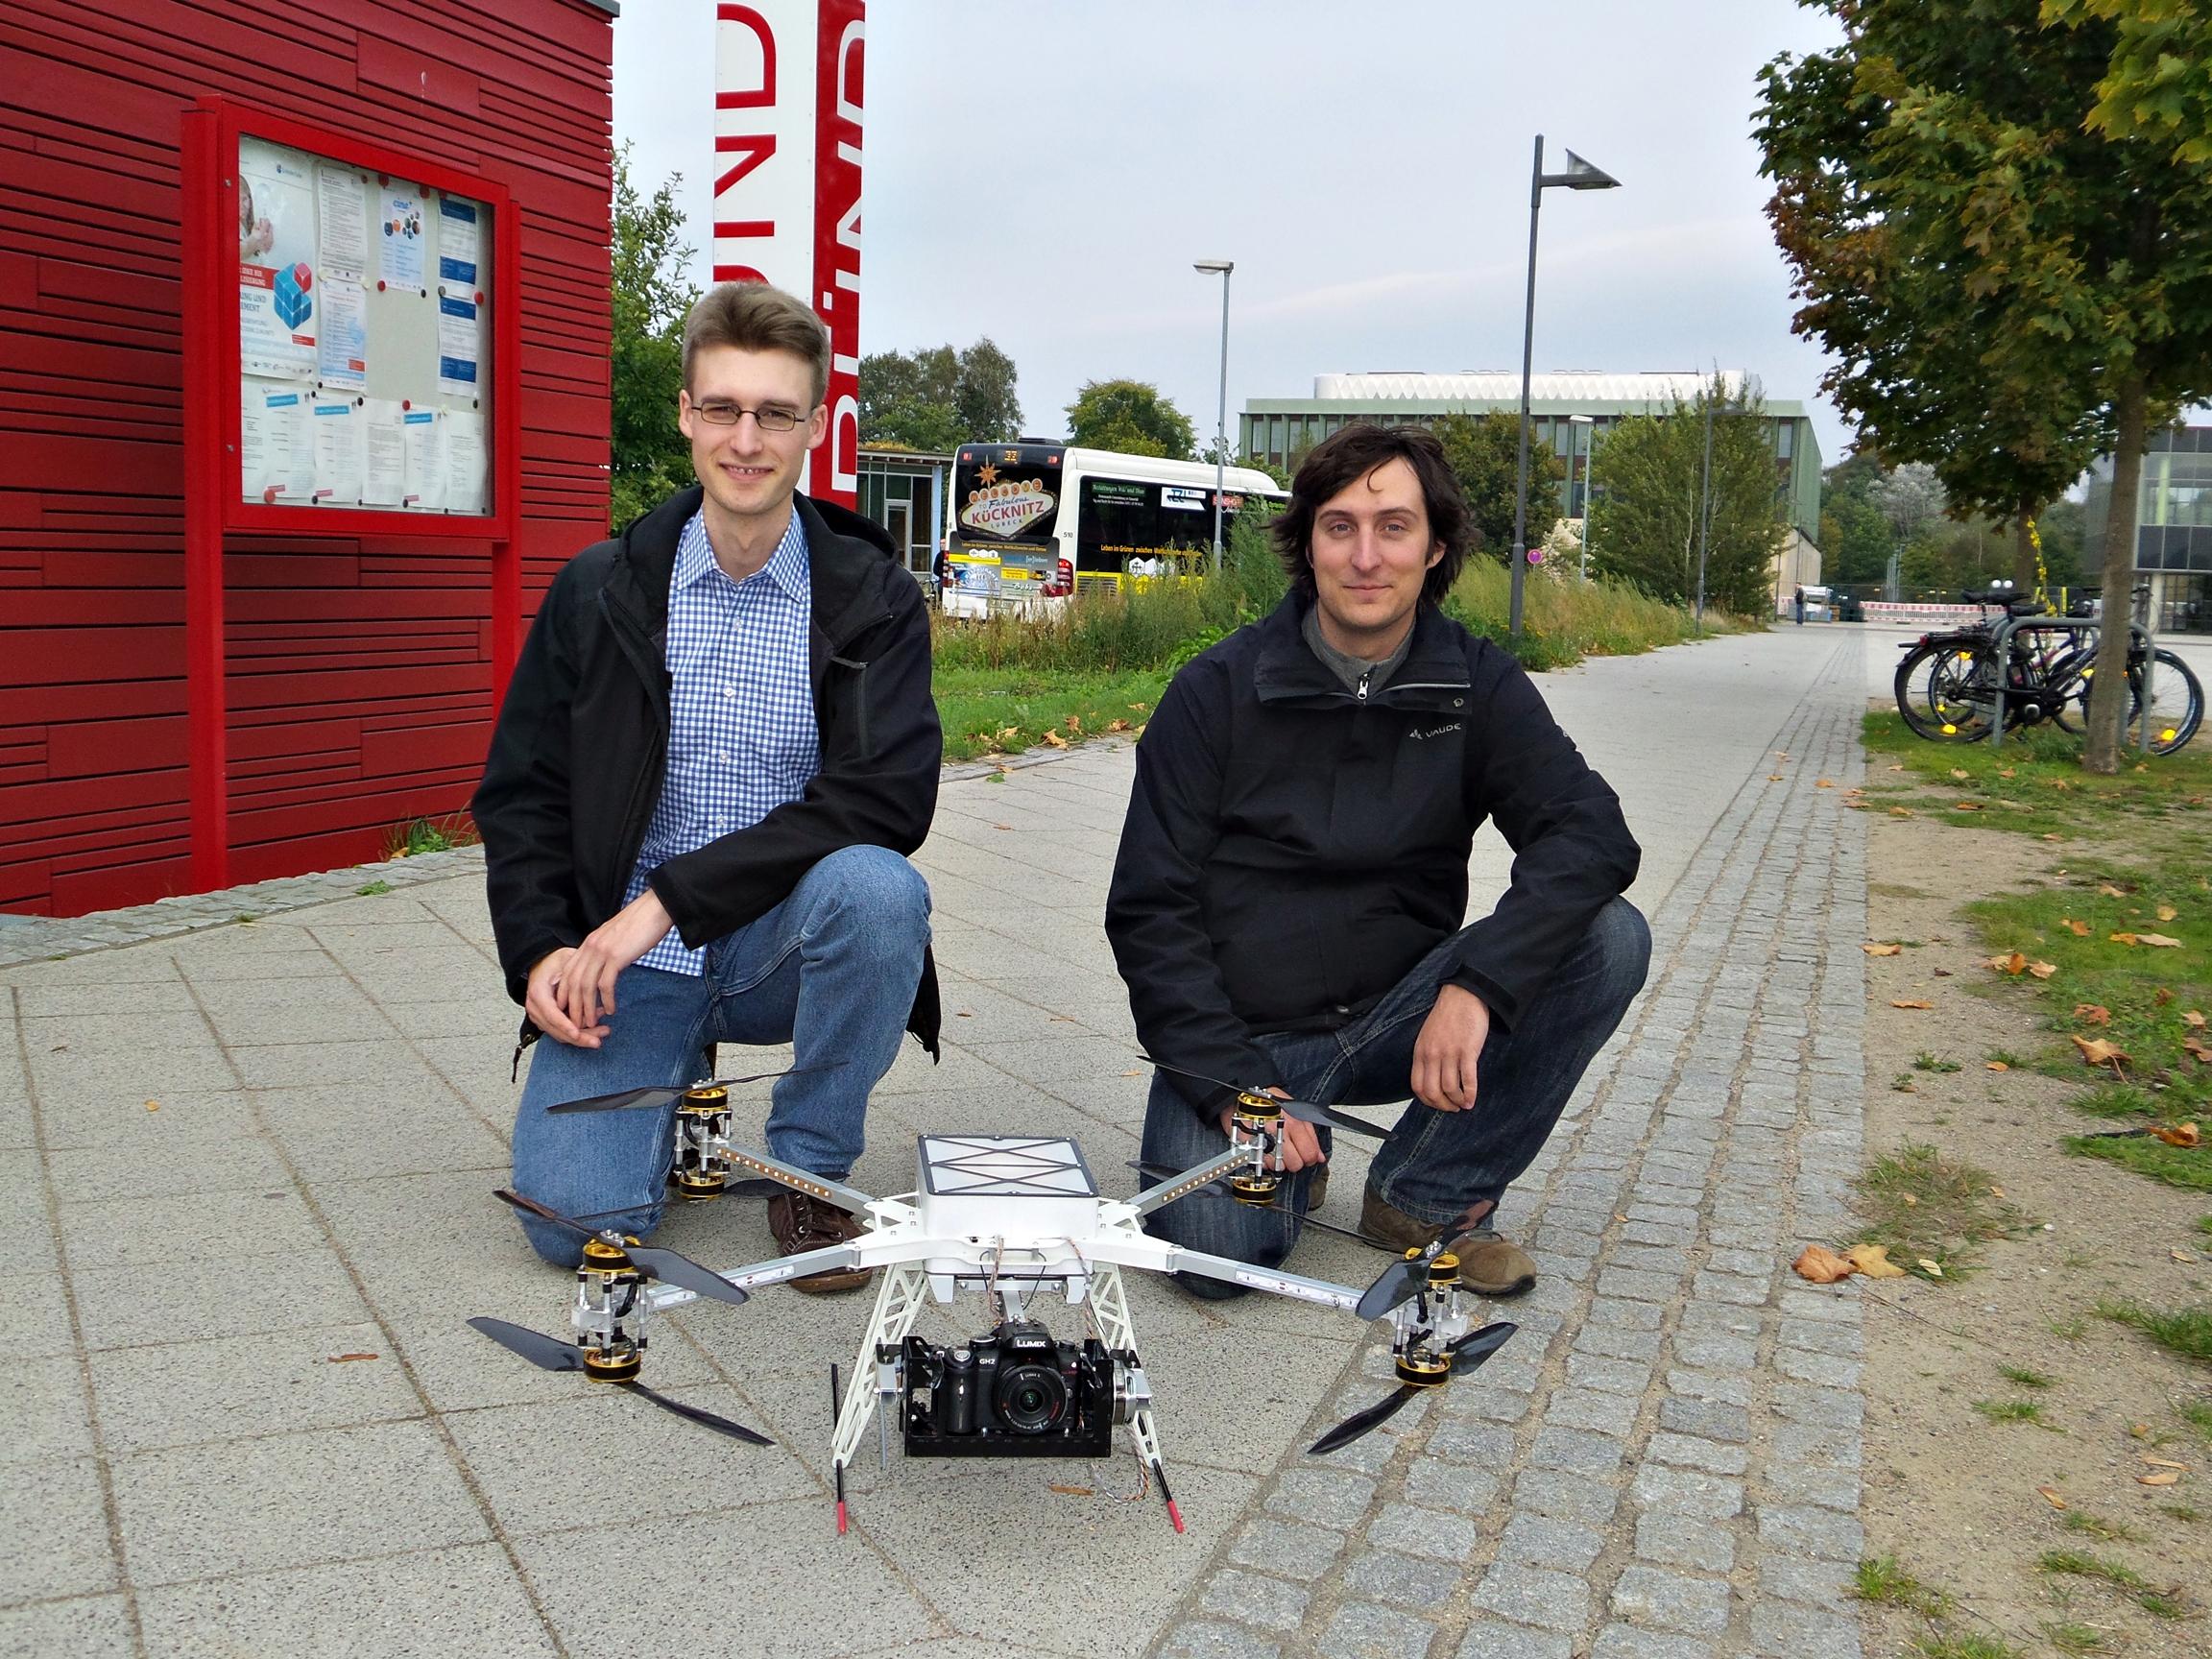 Drohne0a